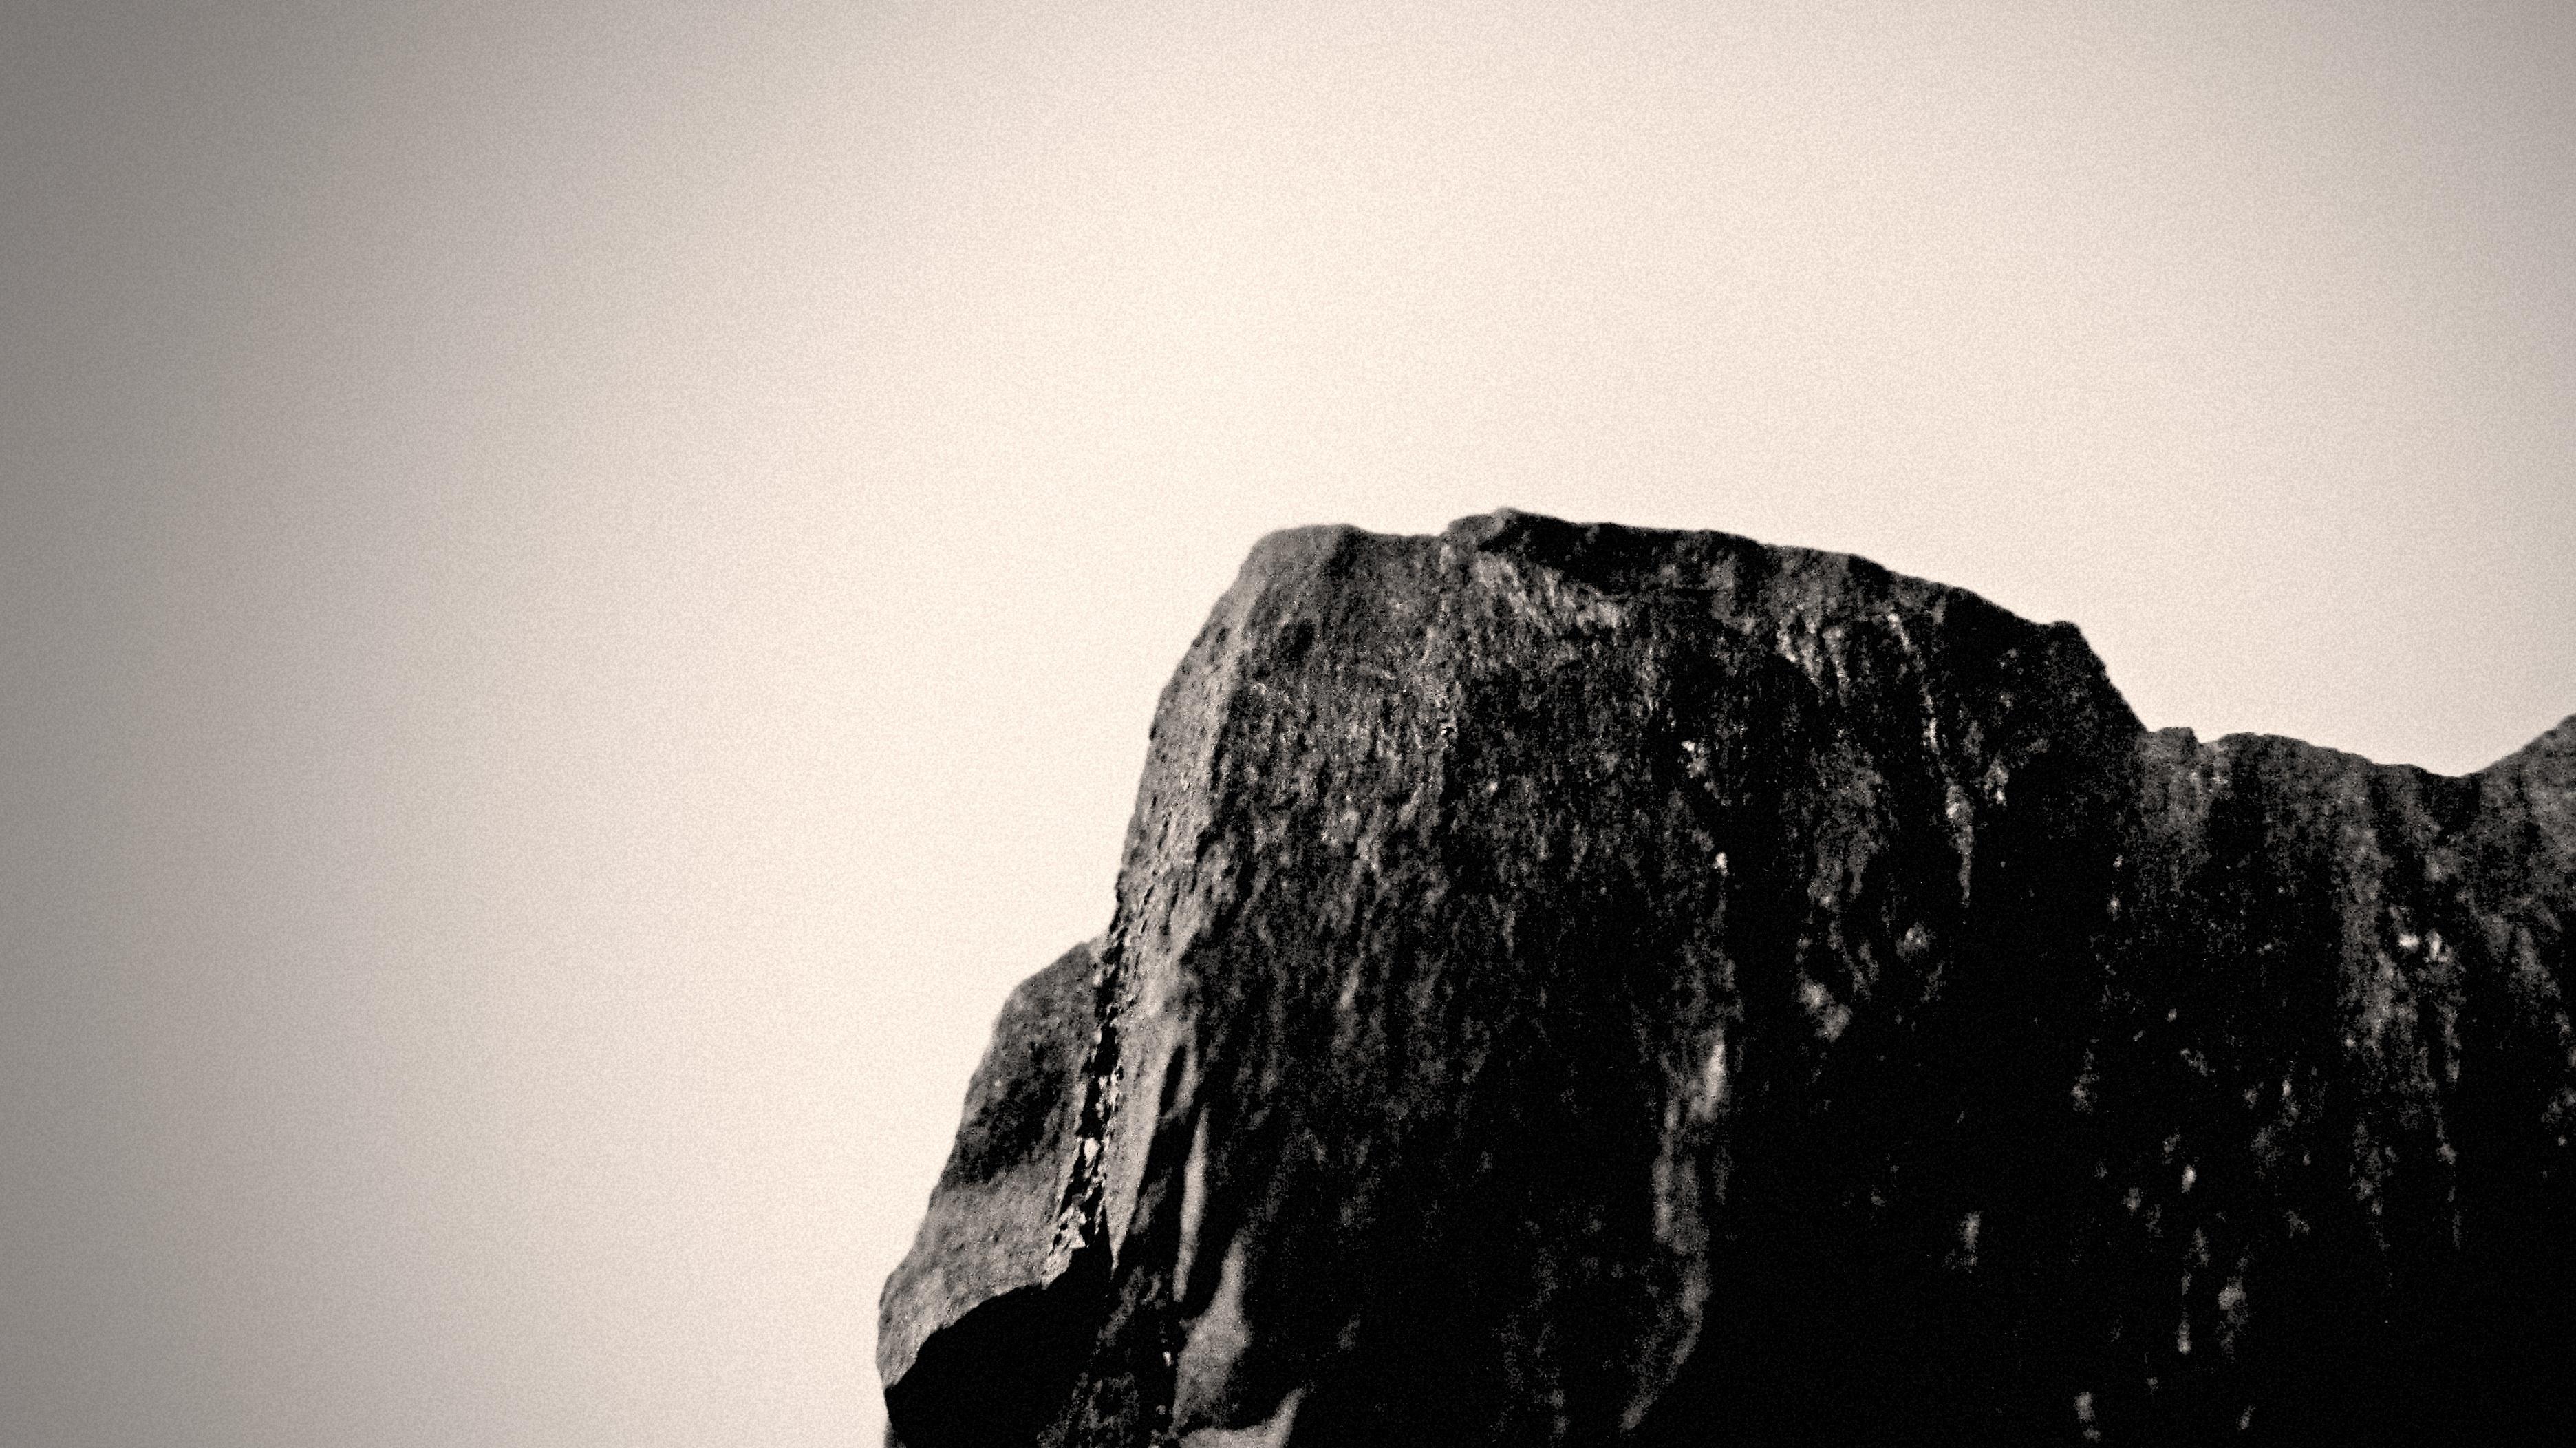 Hình Ảnh : Đá, Núi, Ánh Sáng, Đen Và Trắng, Bầu Trời, Nhiếp Ảnh, Sự Phản  Chiếu, Bóng Tối, Đơn Sắc, Địa Hình, Nhiếp Ảnh Đơn Sắc 3744x2104